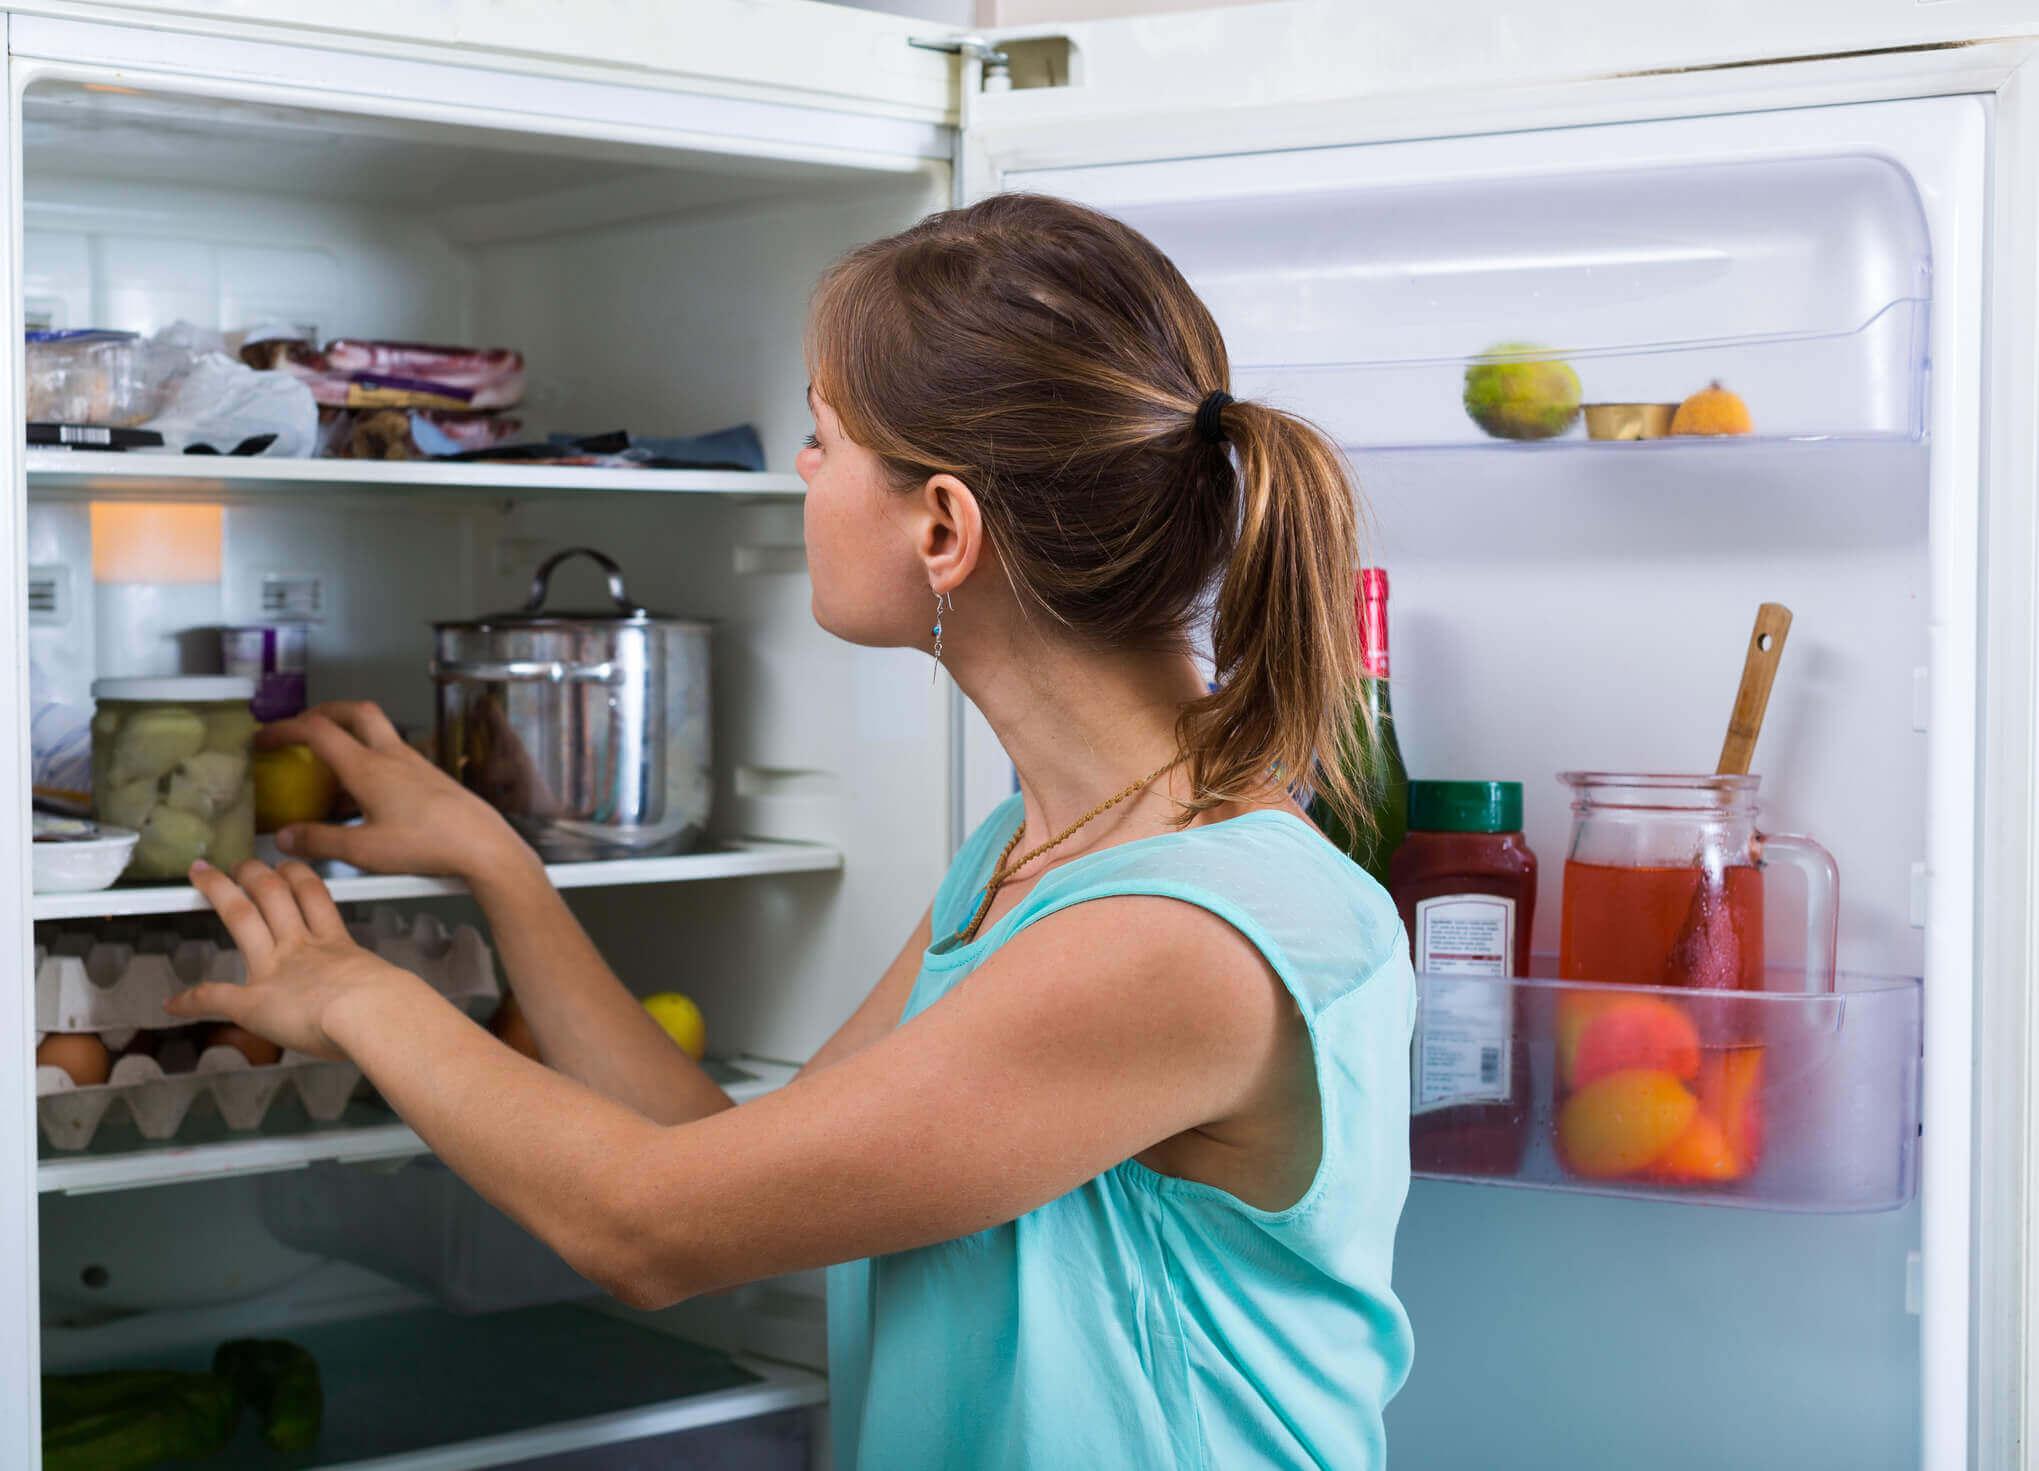 Kühlschrank Reinigen : Wie sie ihren kühlschrank reinigen u schnell und einfach zewa